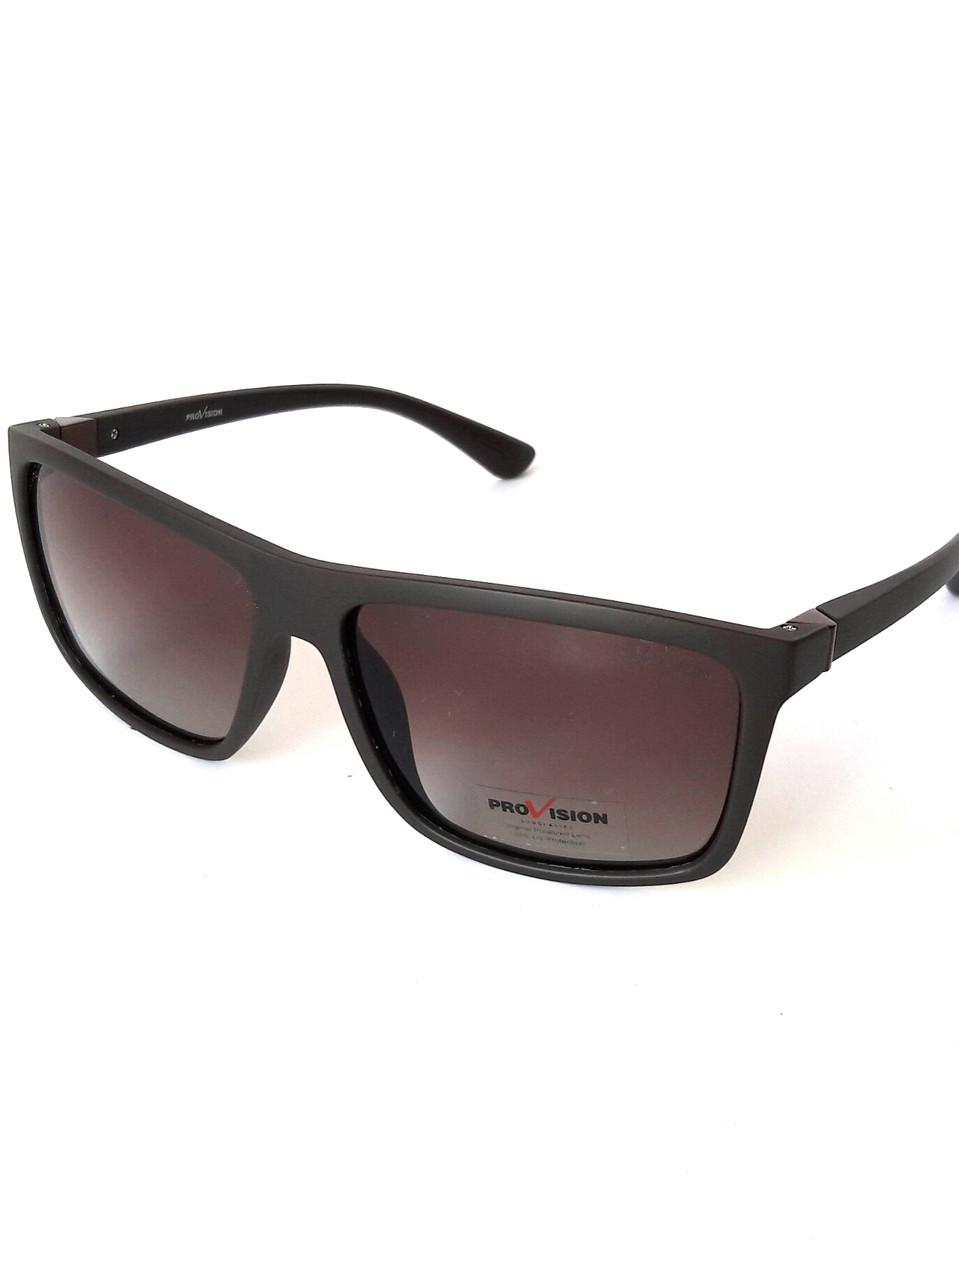 Солнцезащитные очки унисекс. Высокое качество, матовый чёрный пластик, Provision